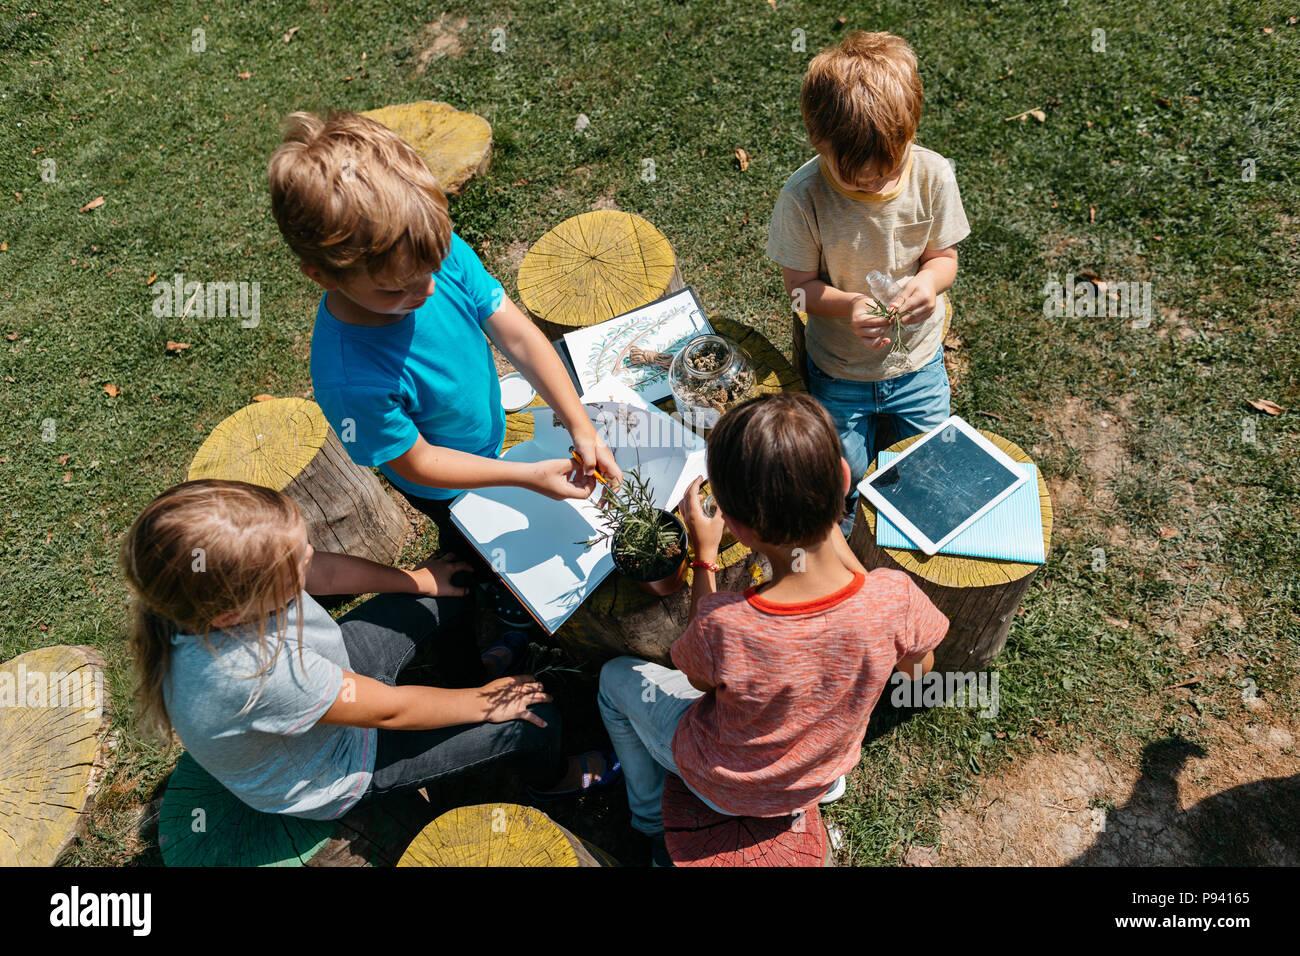 Grupo de compañeros aprendiendo juntos en una lección de ciencias naturales en el exterior, en un jardín. Vista superior de niños cooperando en un proyecto escolar. Imagen De Stock